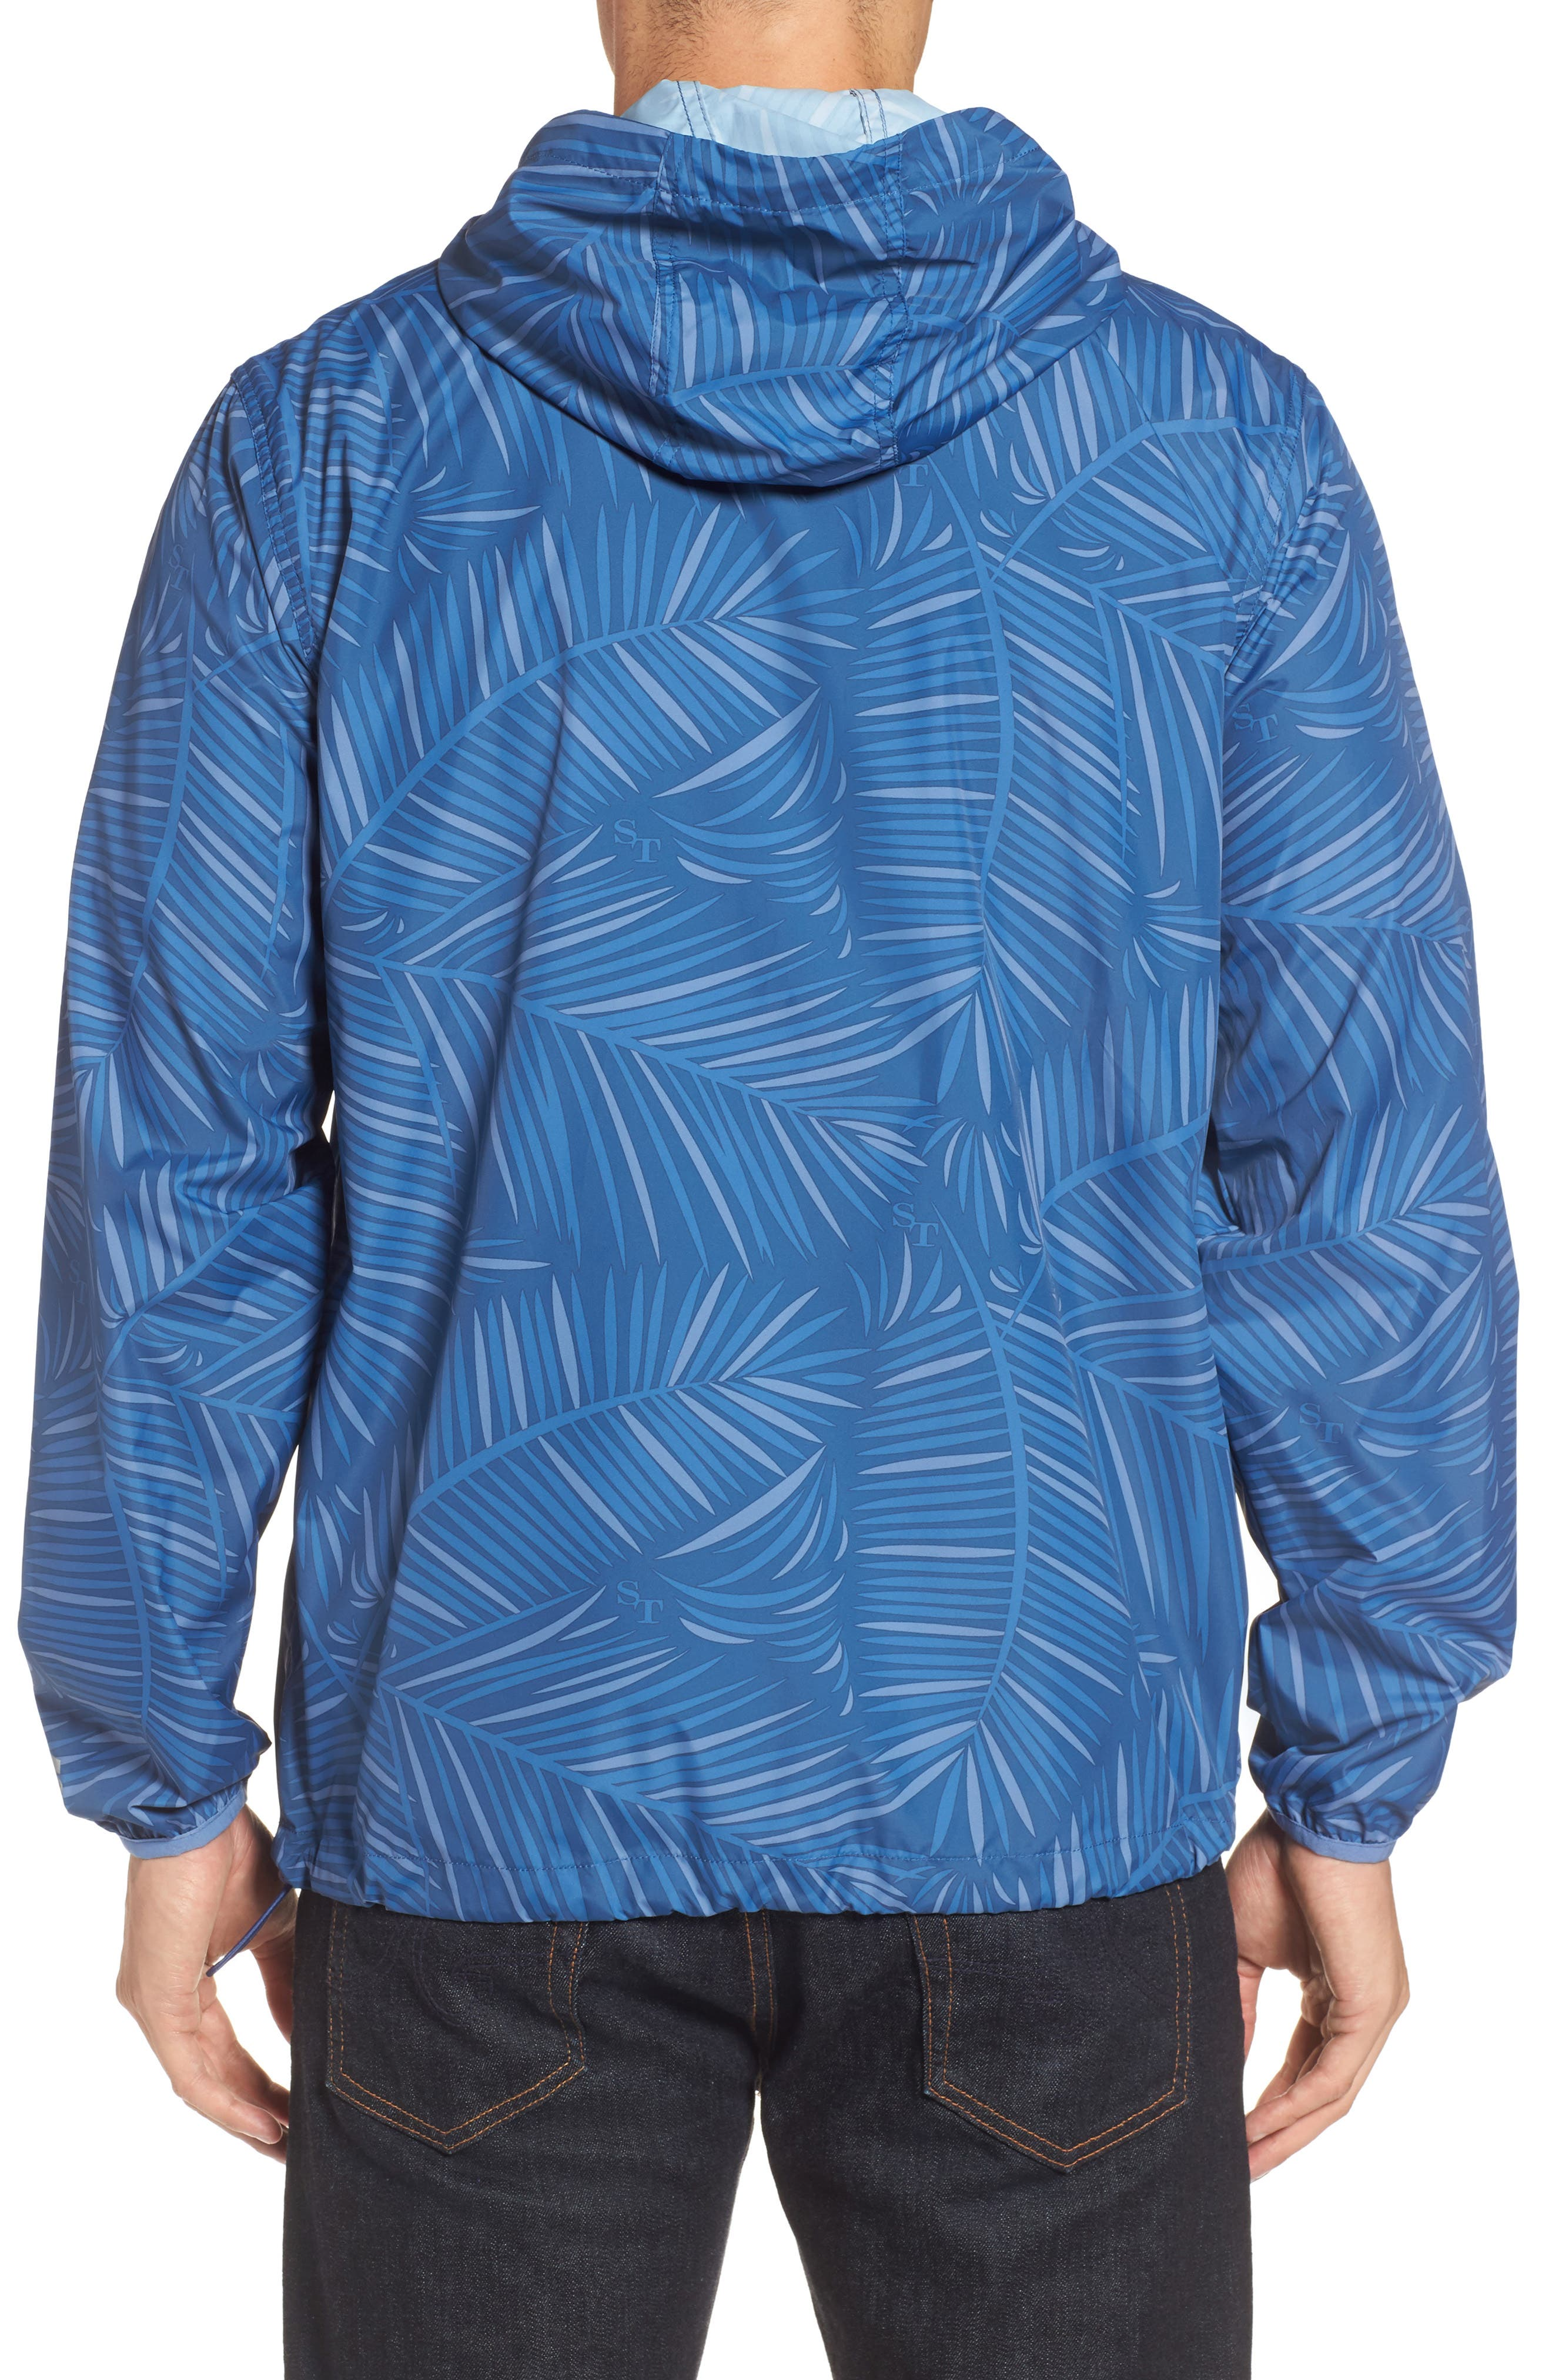 Pelican Peak Full Zip Hooded Jacket,                             Alternate thumbnail 2, color,                             Seven Seas Blue